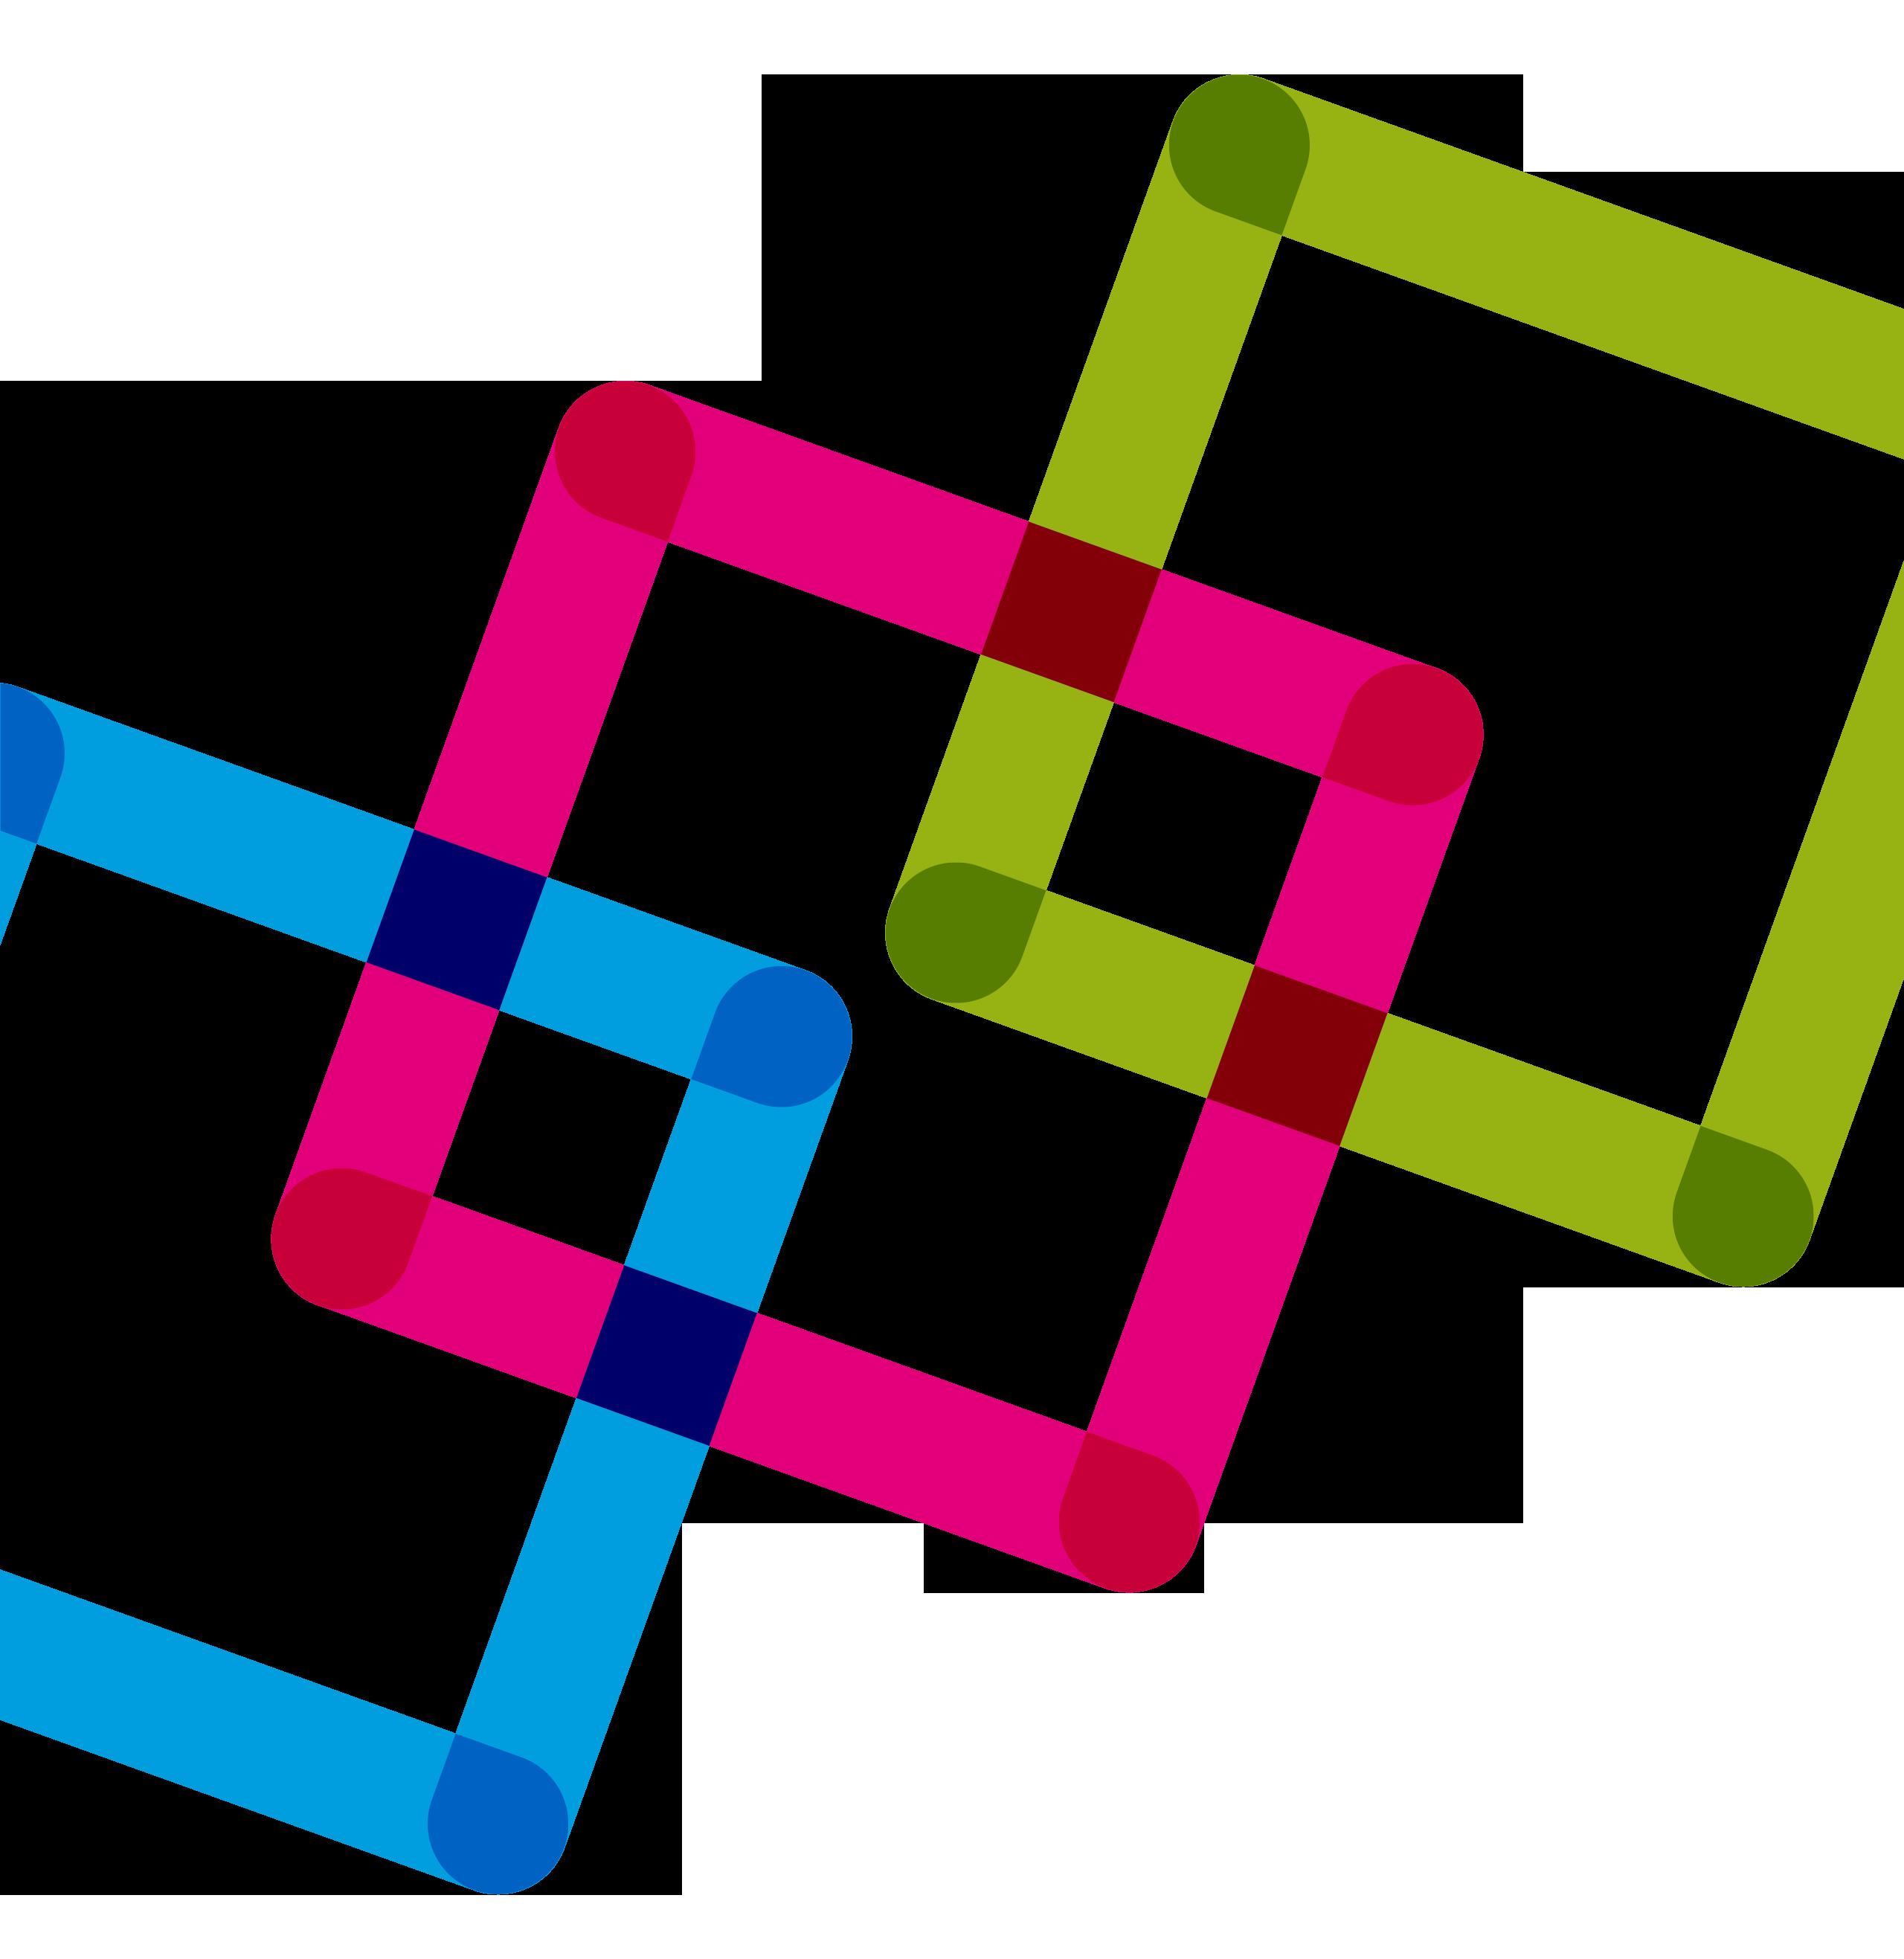 File:Mapping OER Themen grafik 1 2x.png.